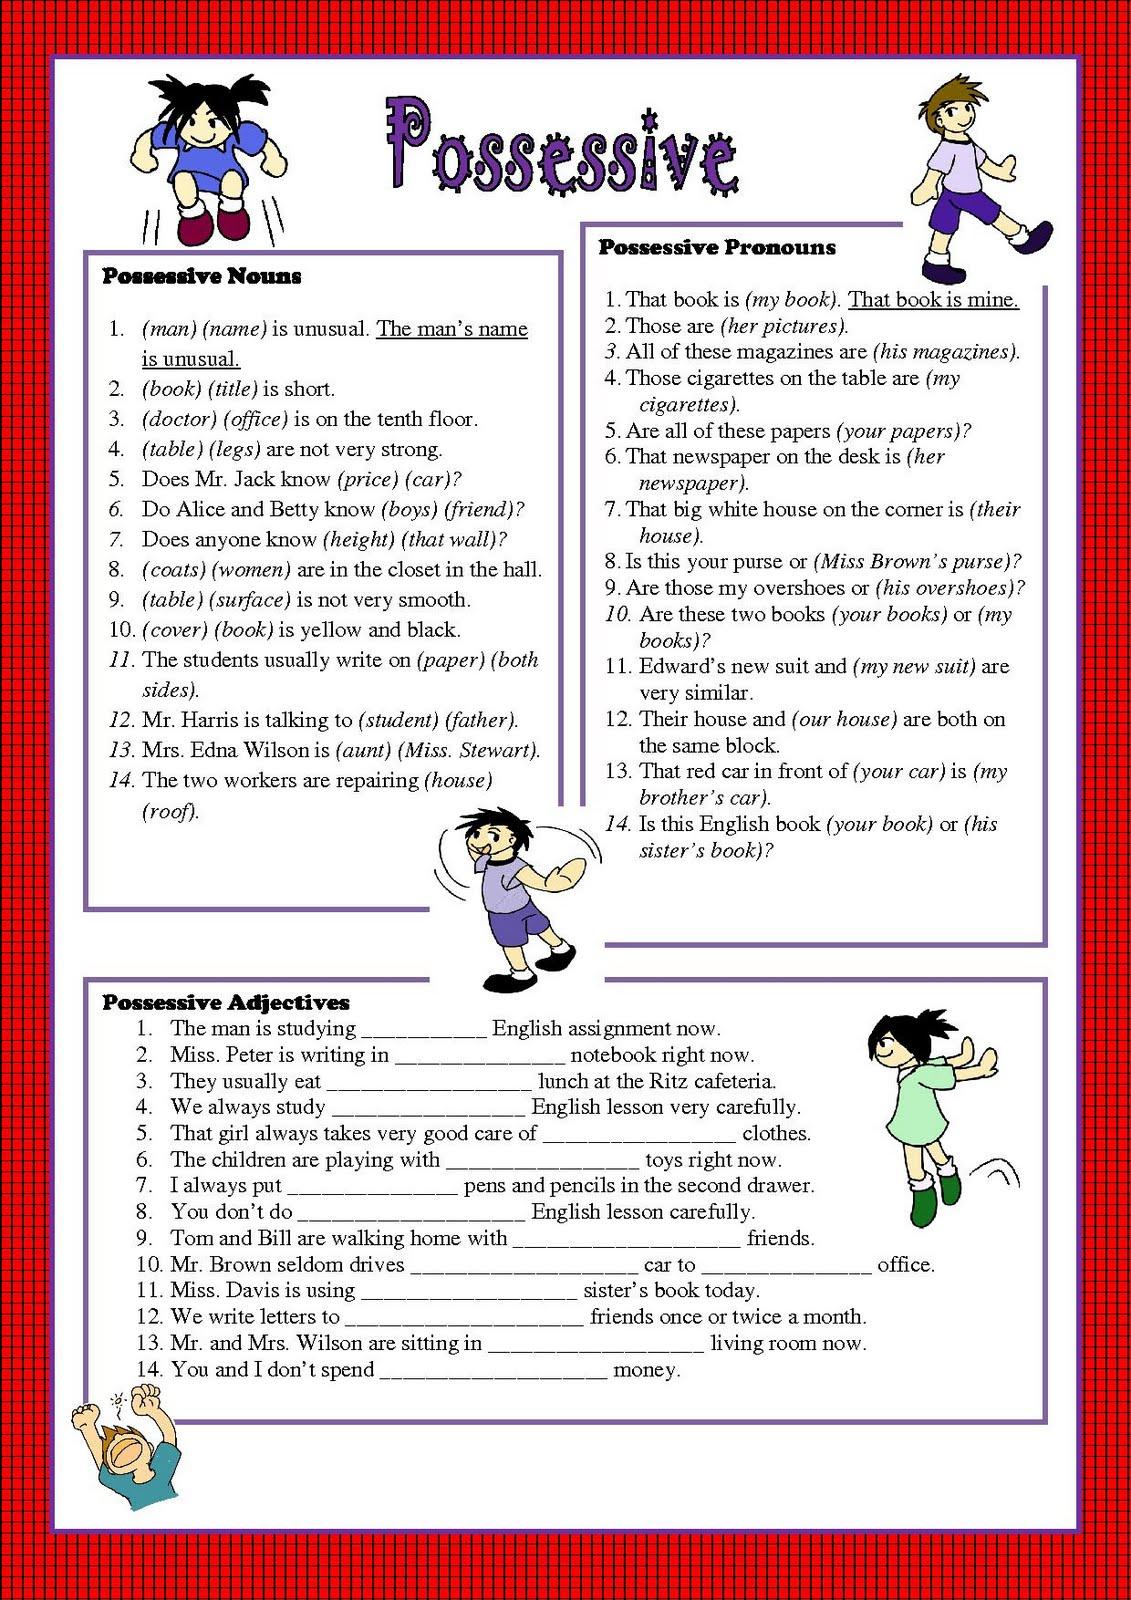 Possessive pronouns worksheet printable